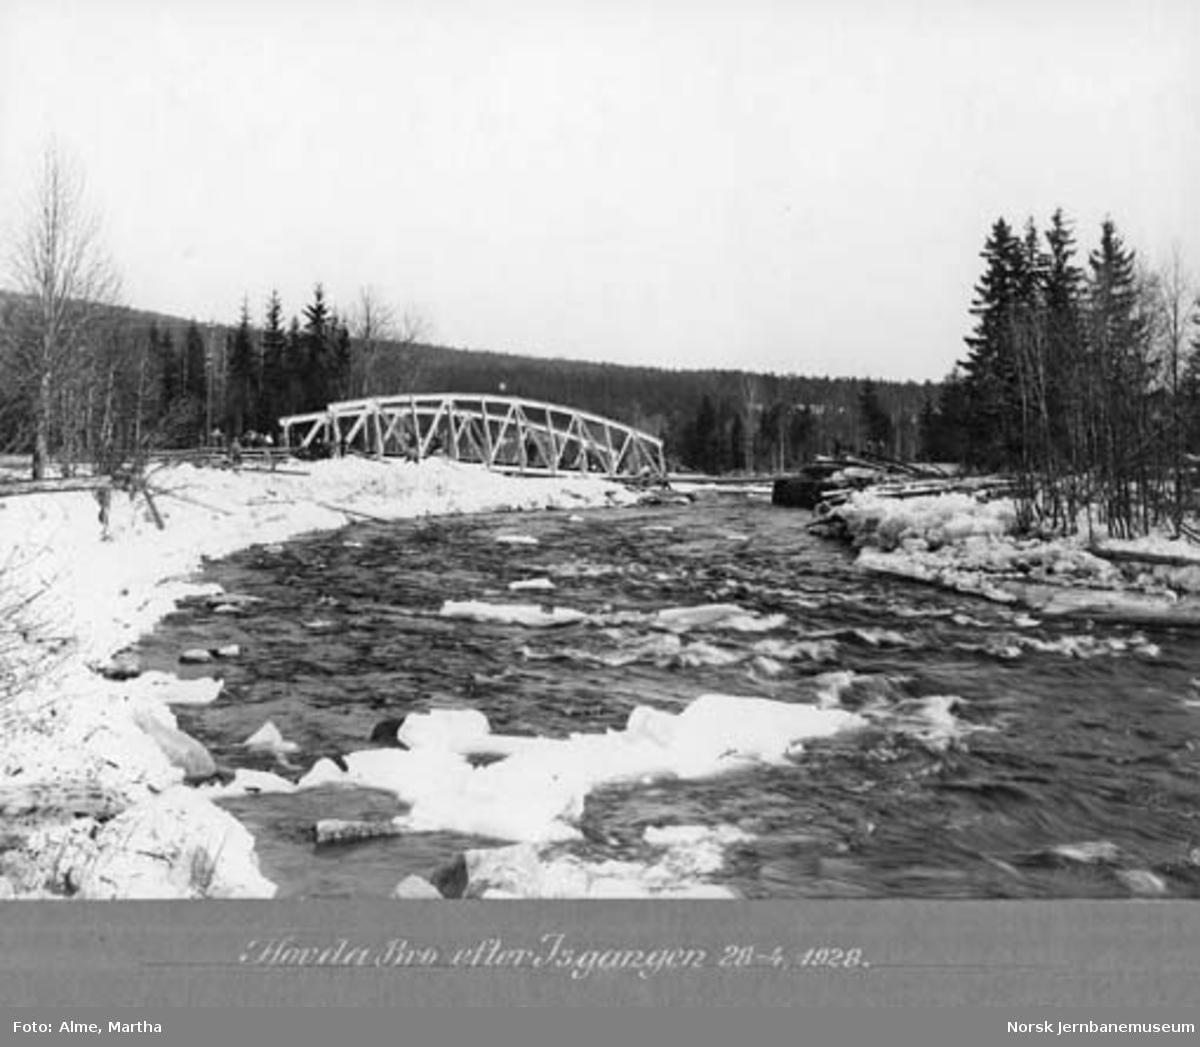 Hovda bru etter isgangen 28. april 1928 med et damplokomotiv på sporet på den andre siden av elva